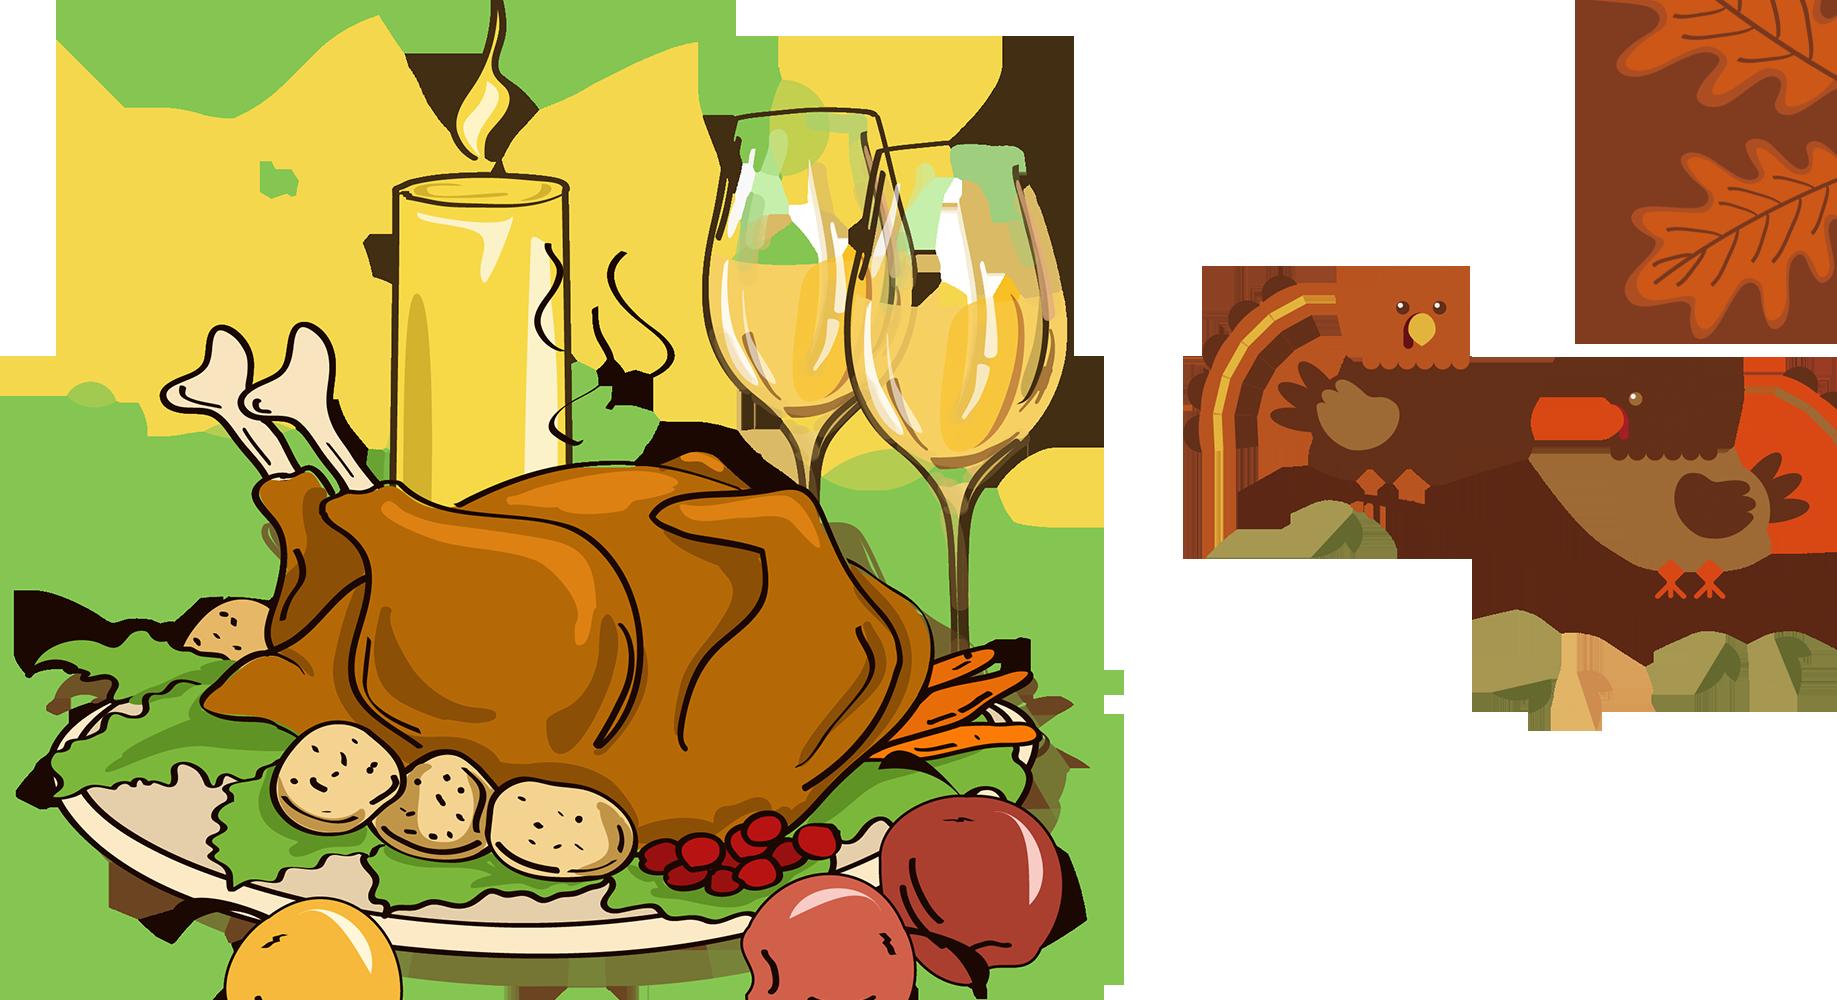 Dinner clipart dinner drink. Turkey meat thanksgiving cartoon